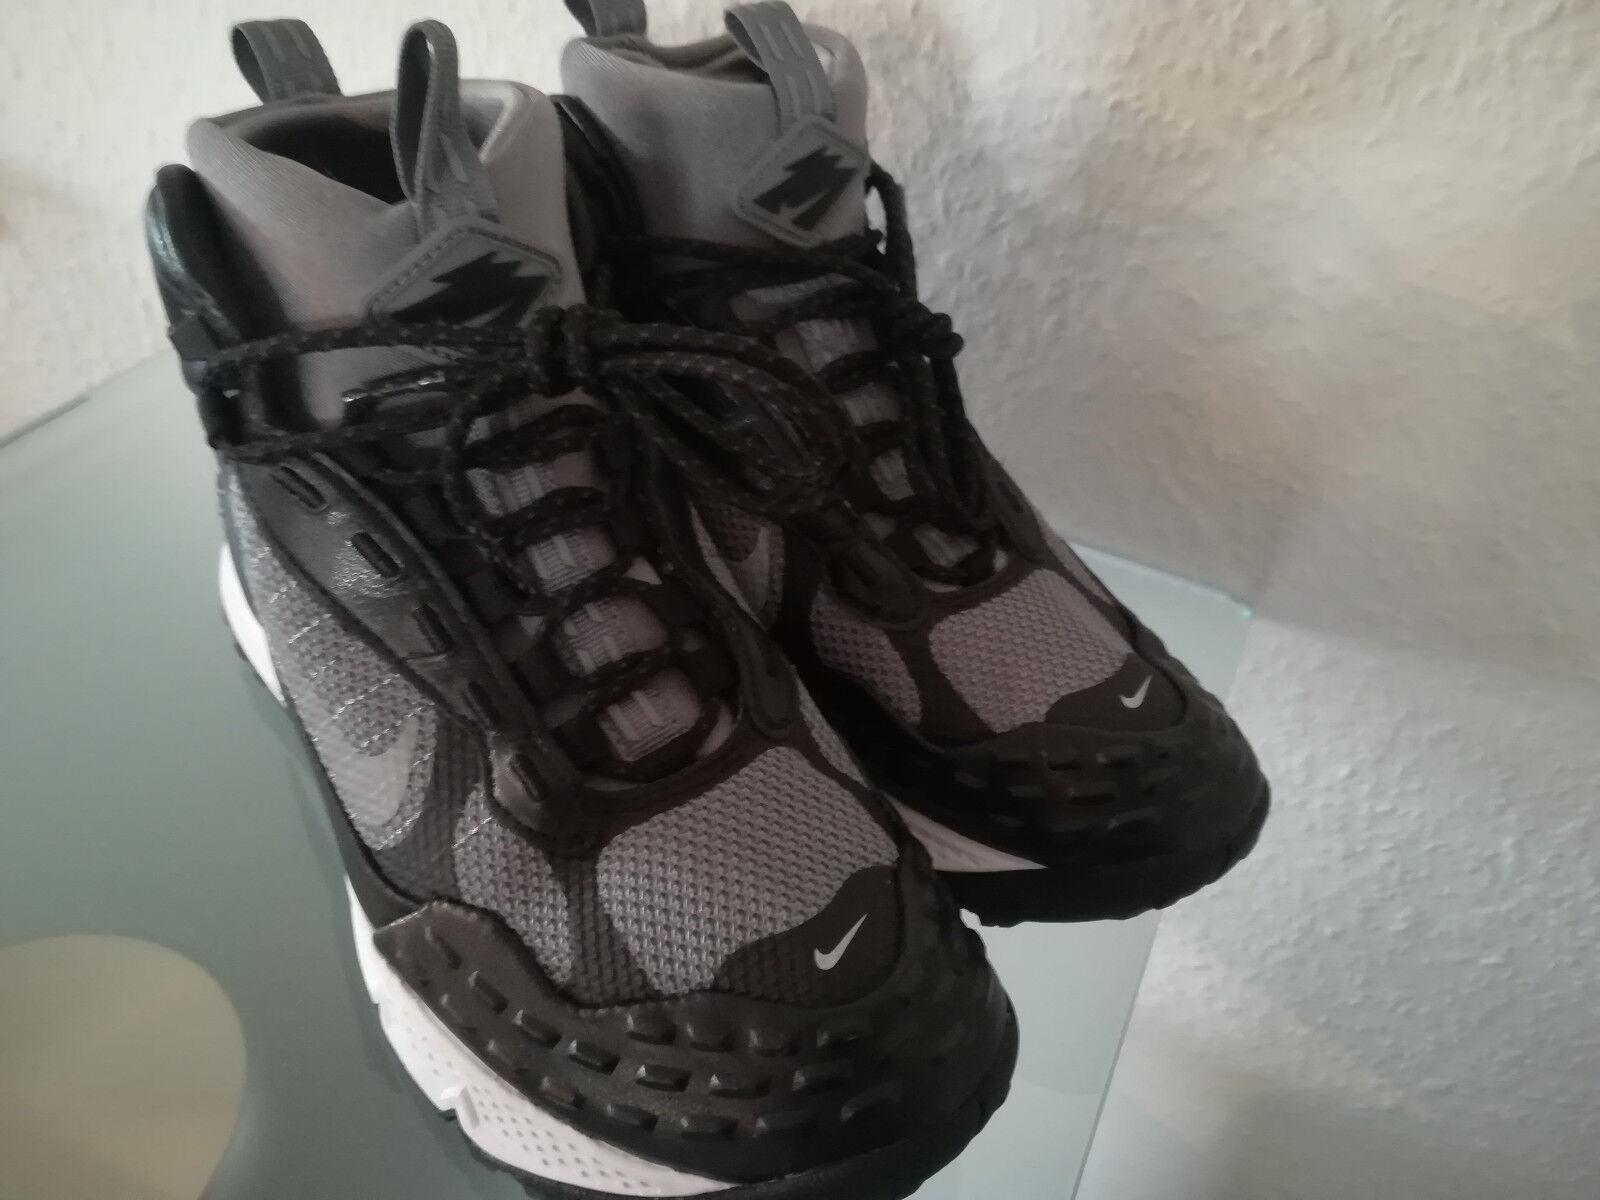 Nike Air Zoom Sertig Sertig Sertig 16 - 904335-001 Schwarz Herren Schuhe Neu Gr. 40 483af4